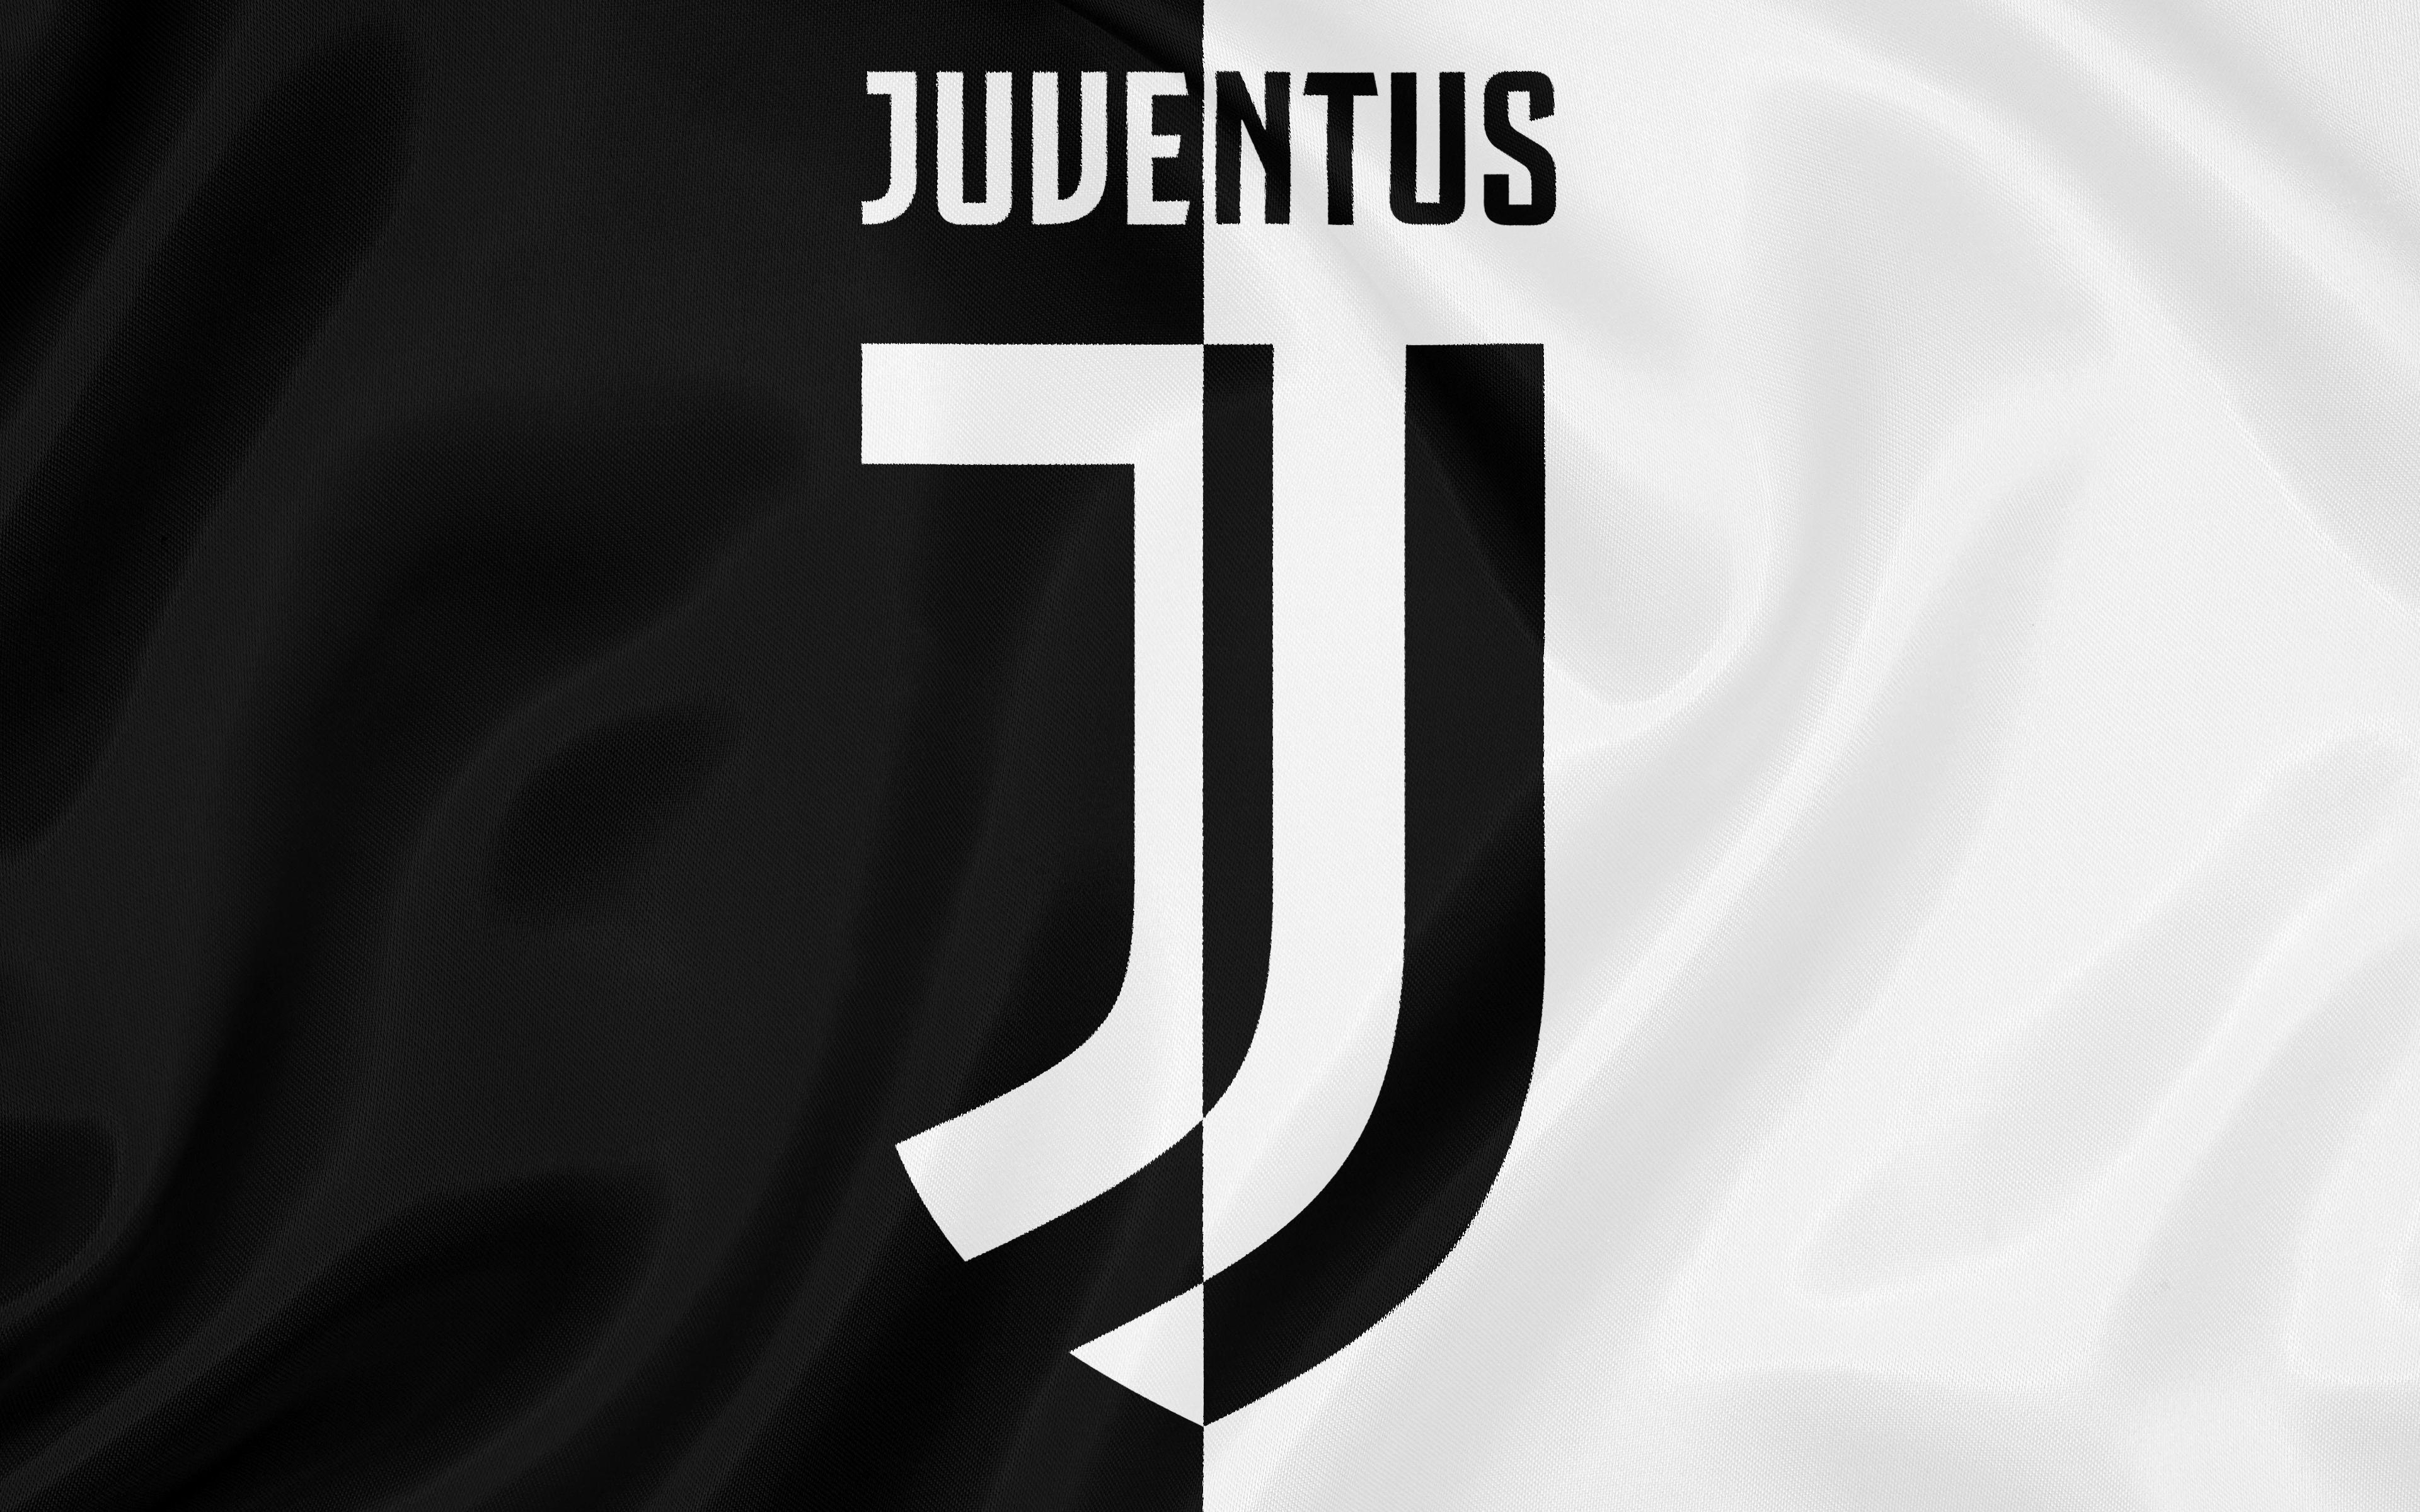 Juventus Logo 4k Ultra HD Wallpaper | Background Image ...